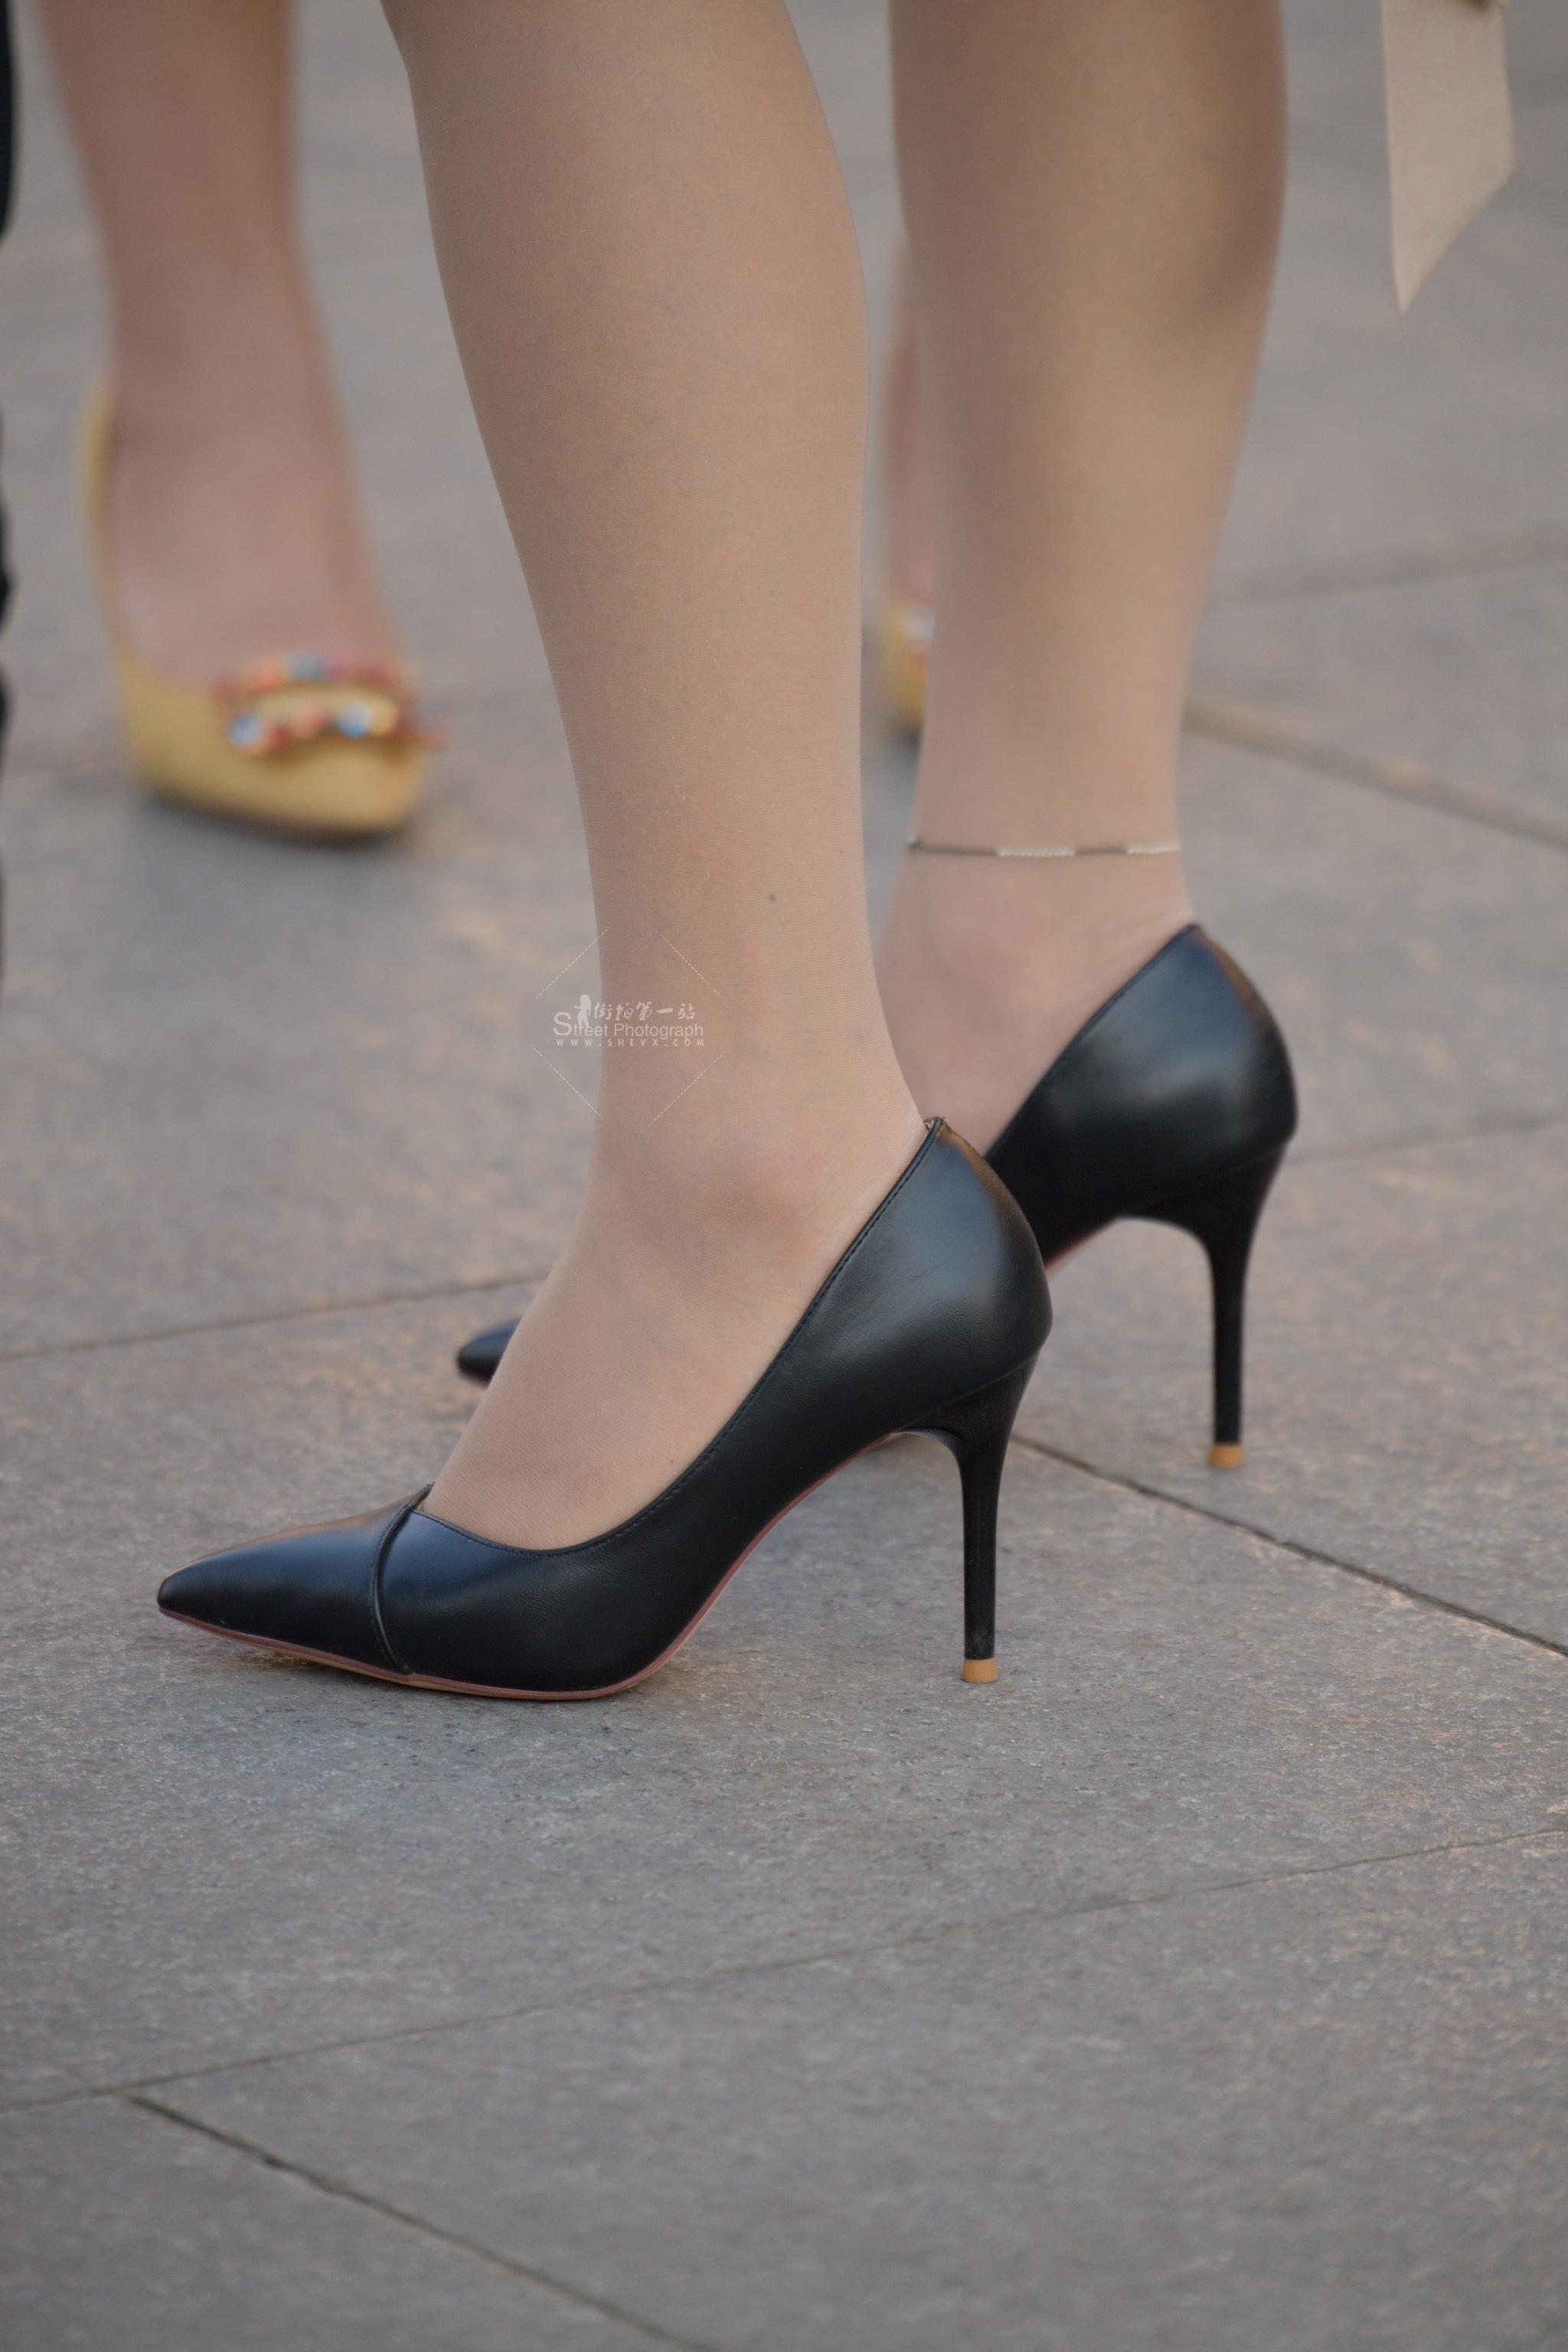 黑 高跟肉丝袜